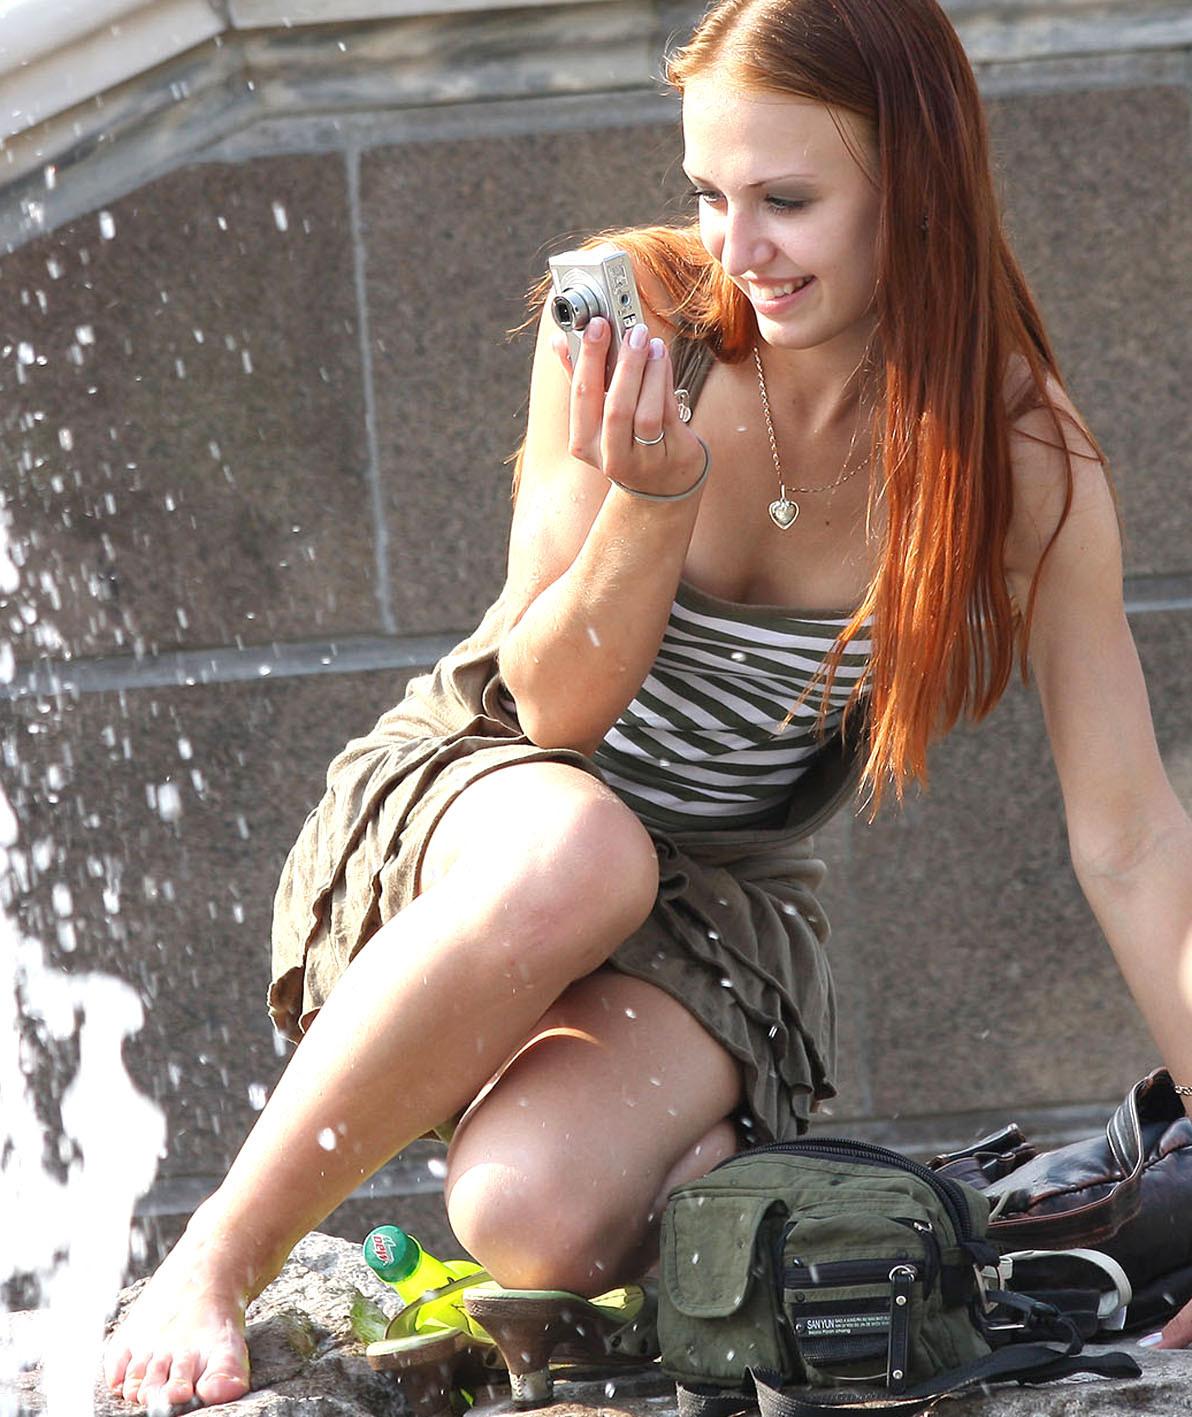 Рыжеволосая девушка засветила у фонтана белые трусики под короткой юбкой